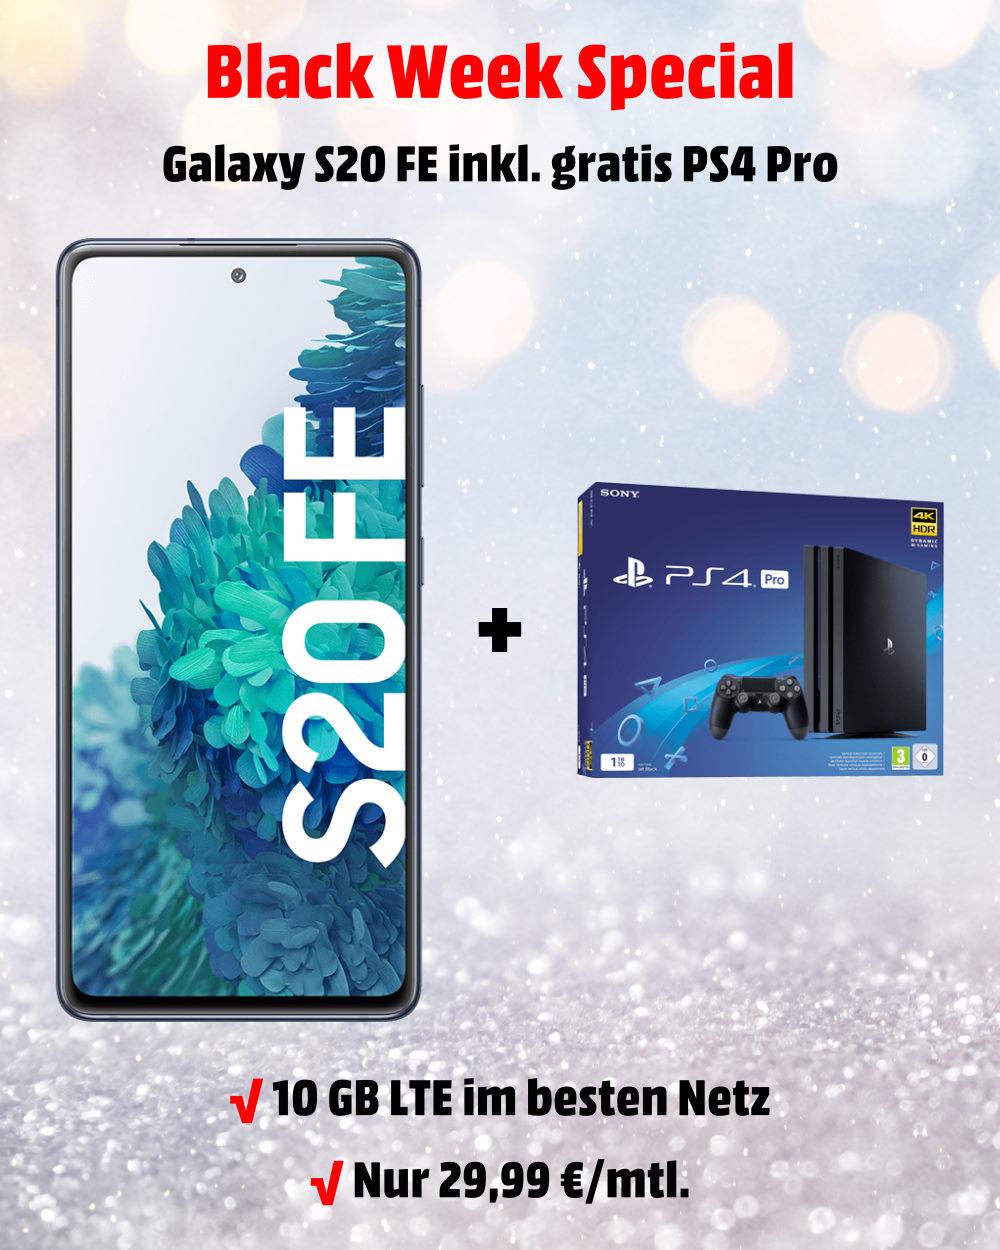 Galaxy S20 FE inkl. PS4 Pro und 10 GB LTE Allnet-Flat im besten D-Netz der Telekom